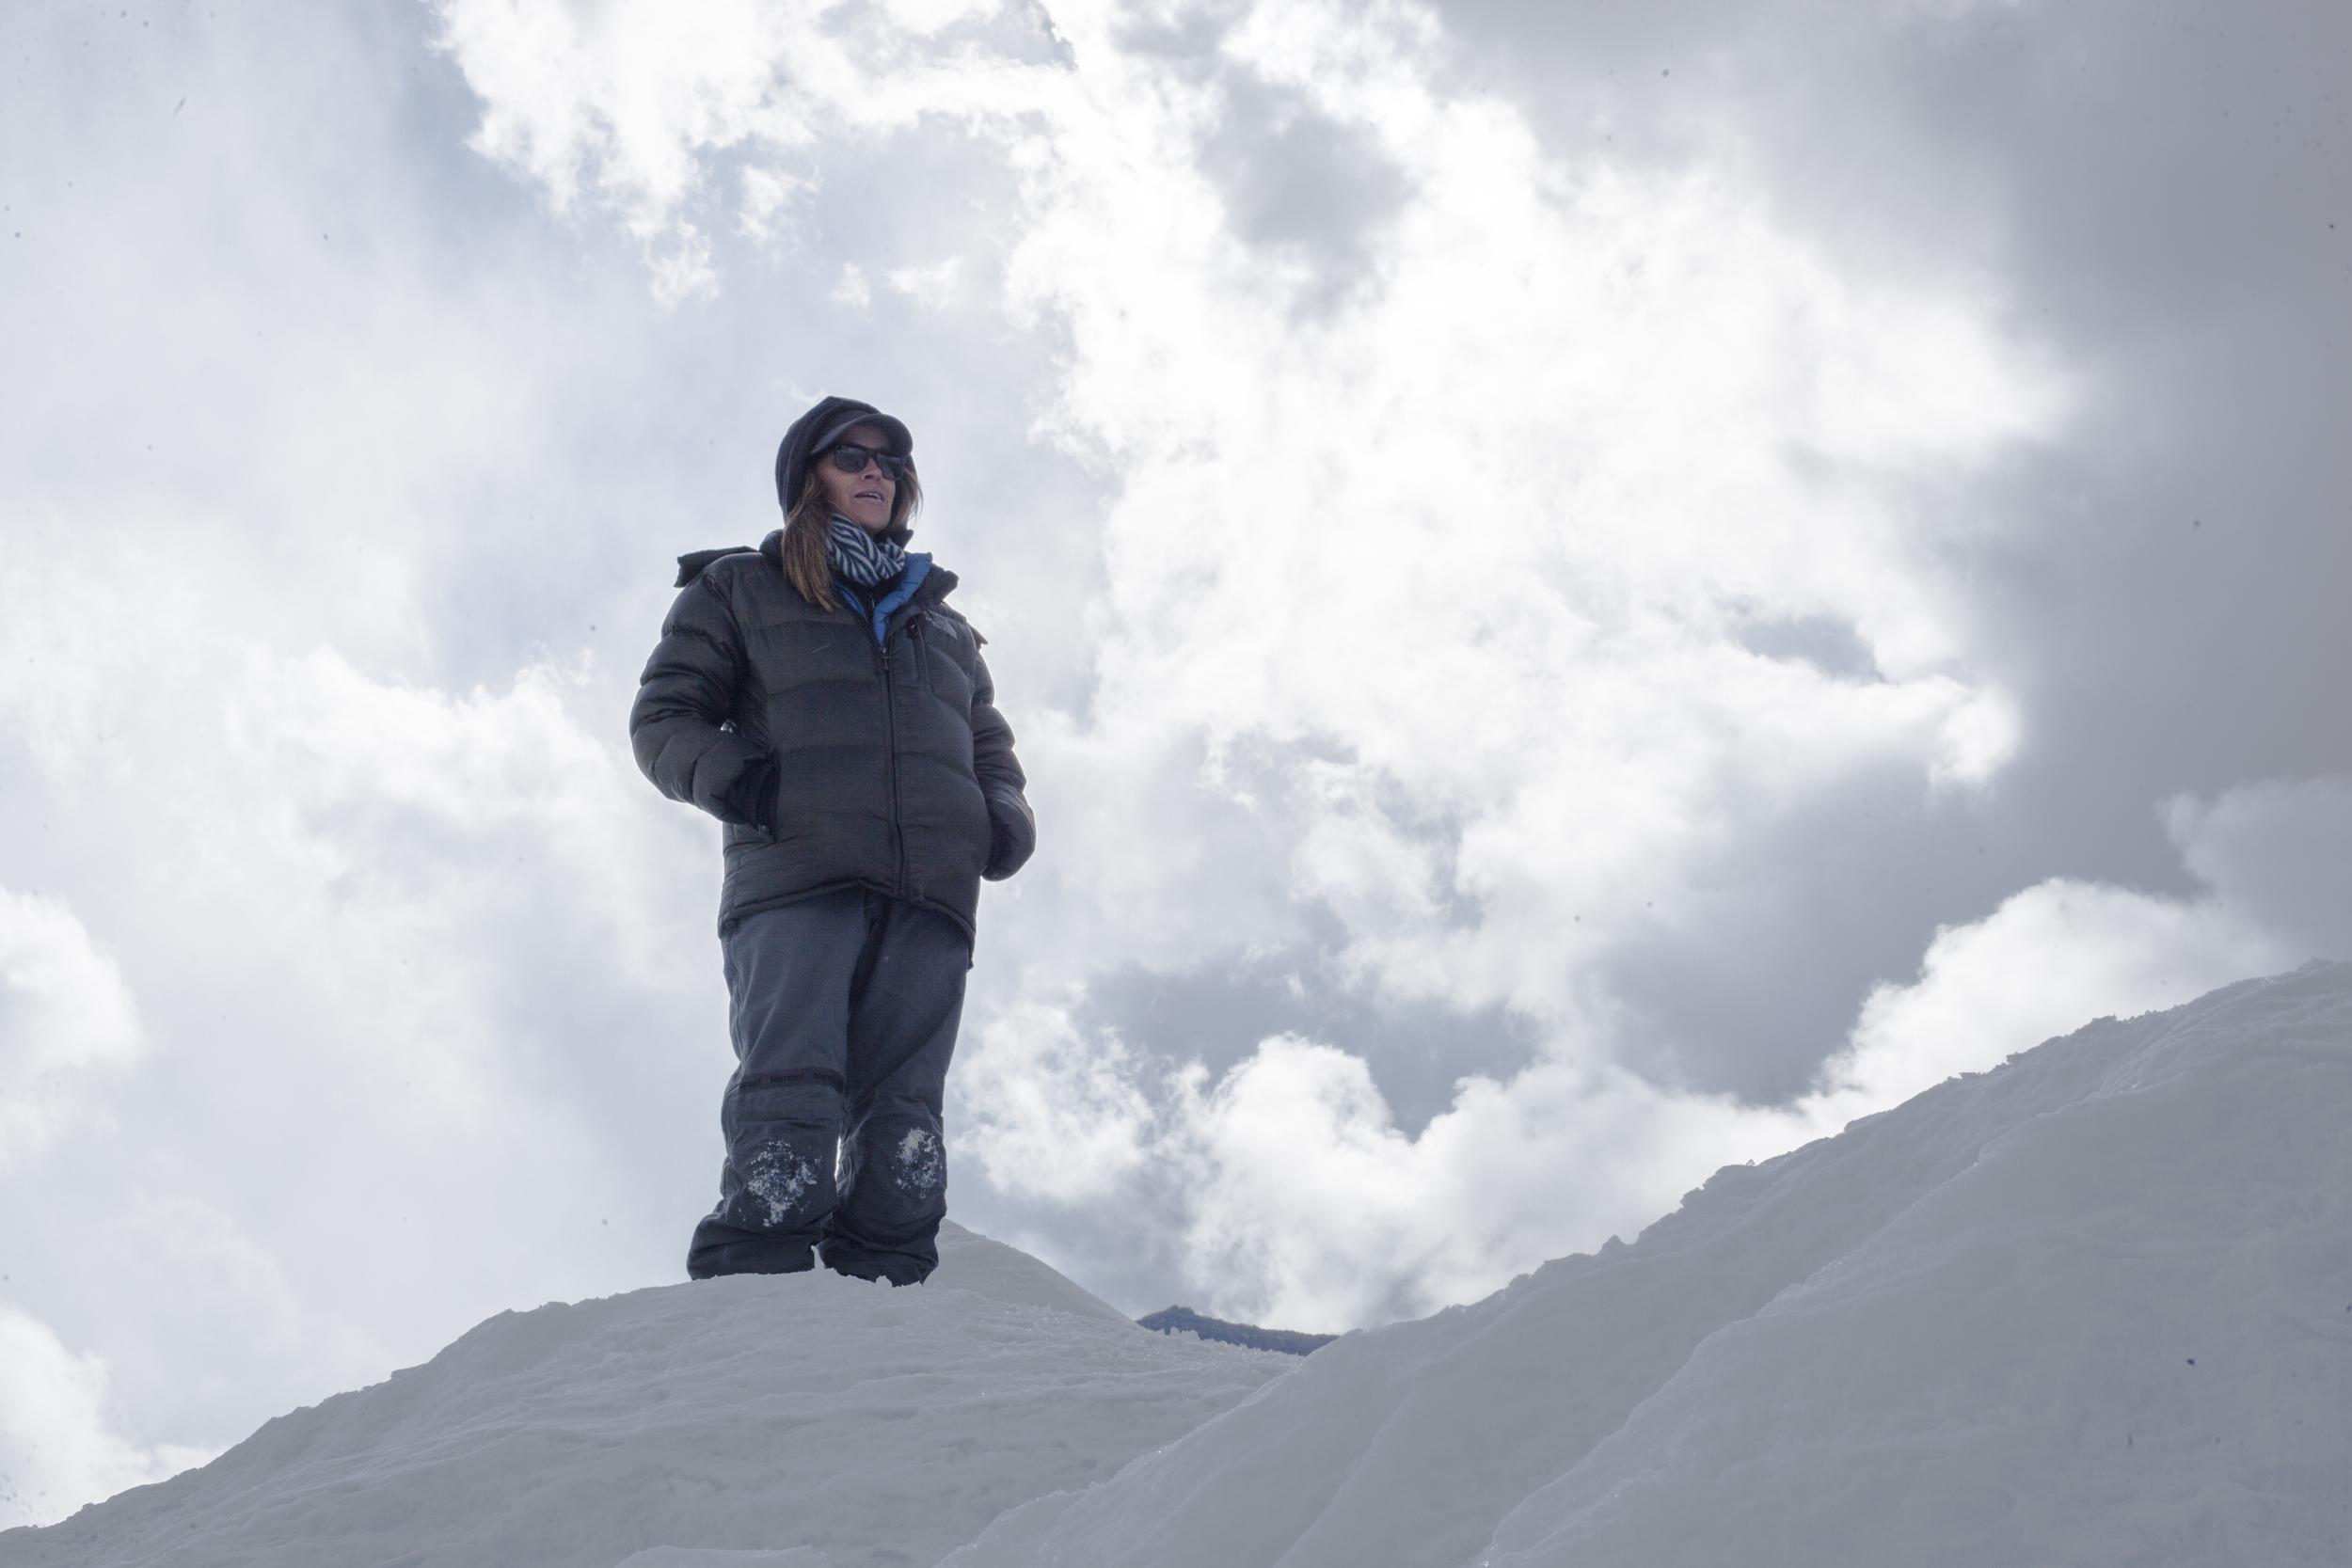 Sherpa_144_Jen-Peedom-director.jpg